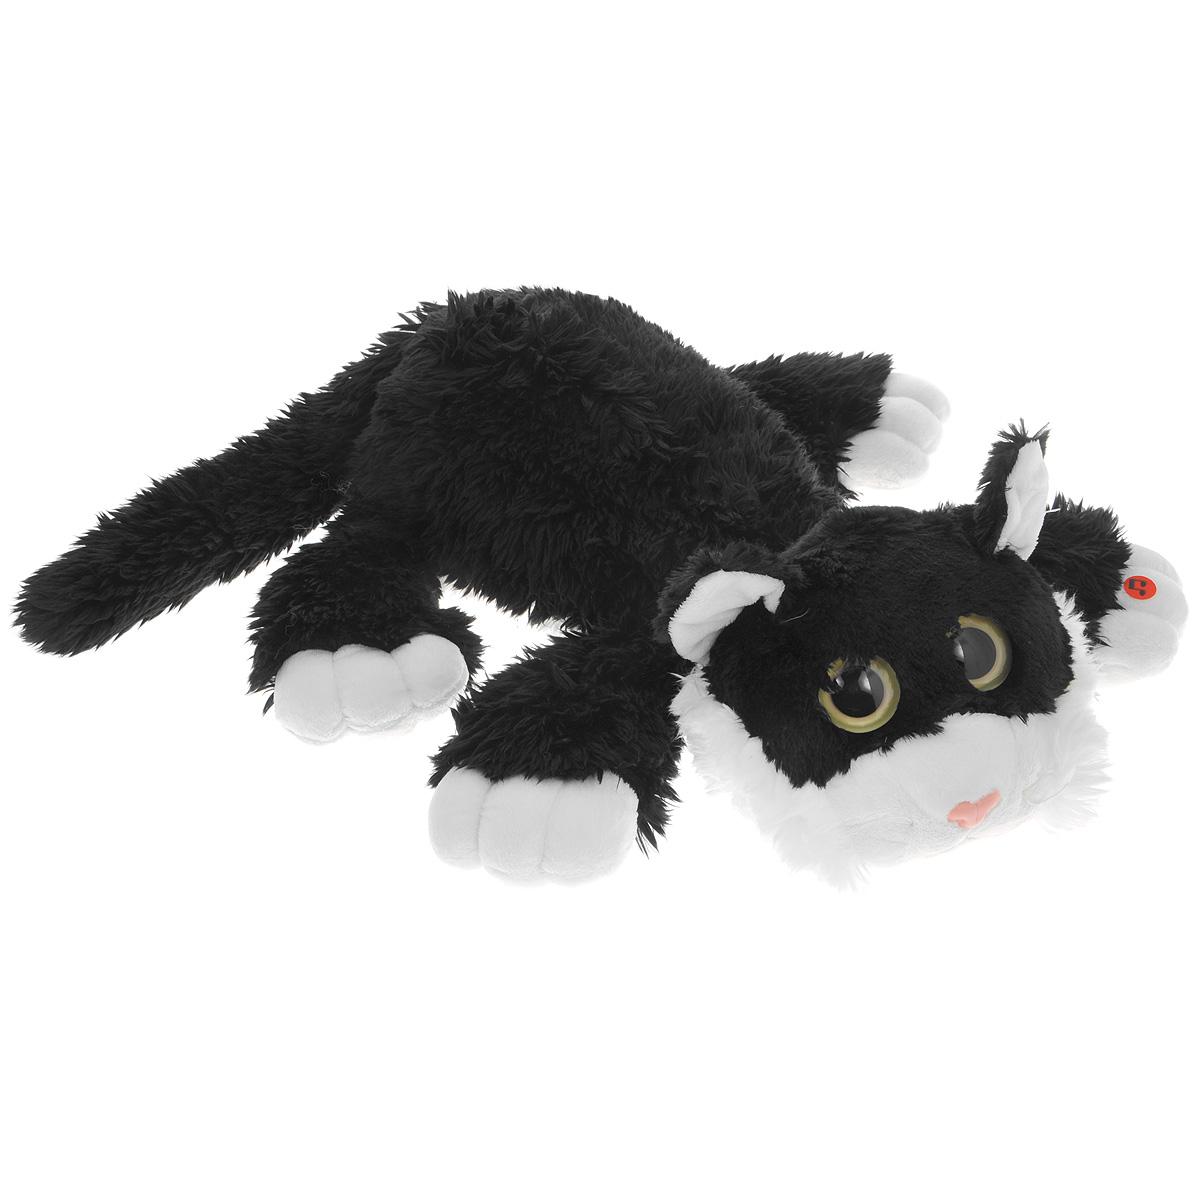 Мягкая игрушка Gulliver Котик Шалунишка цвет черный 22 см игрушка collecta котик шалунишка 18 3001 1